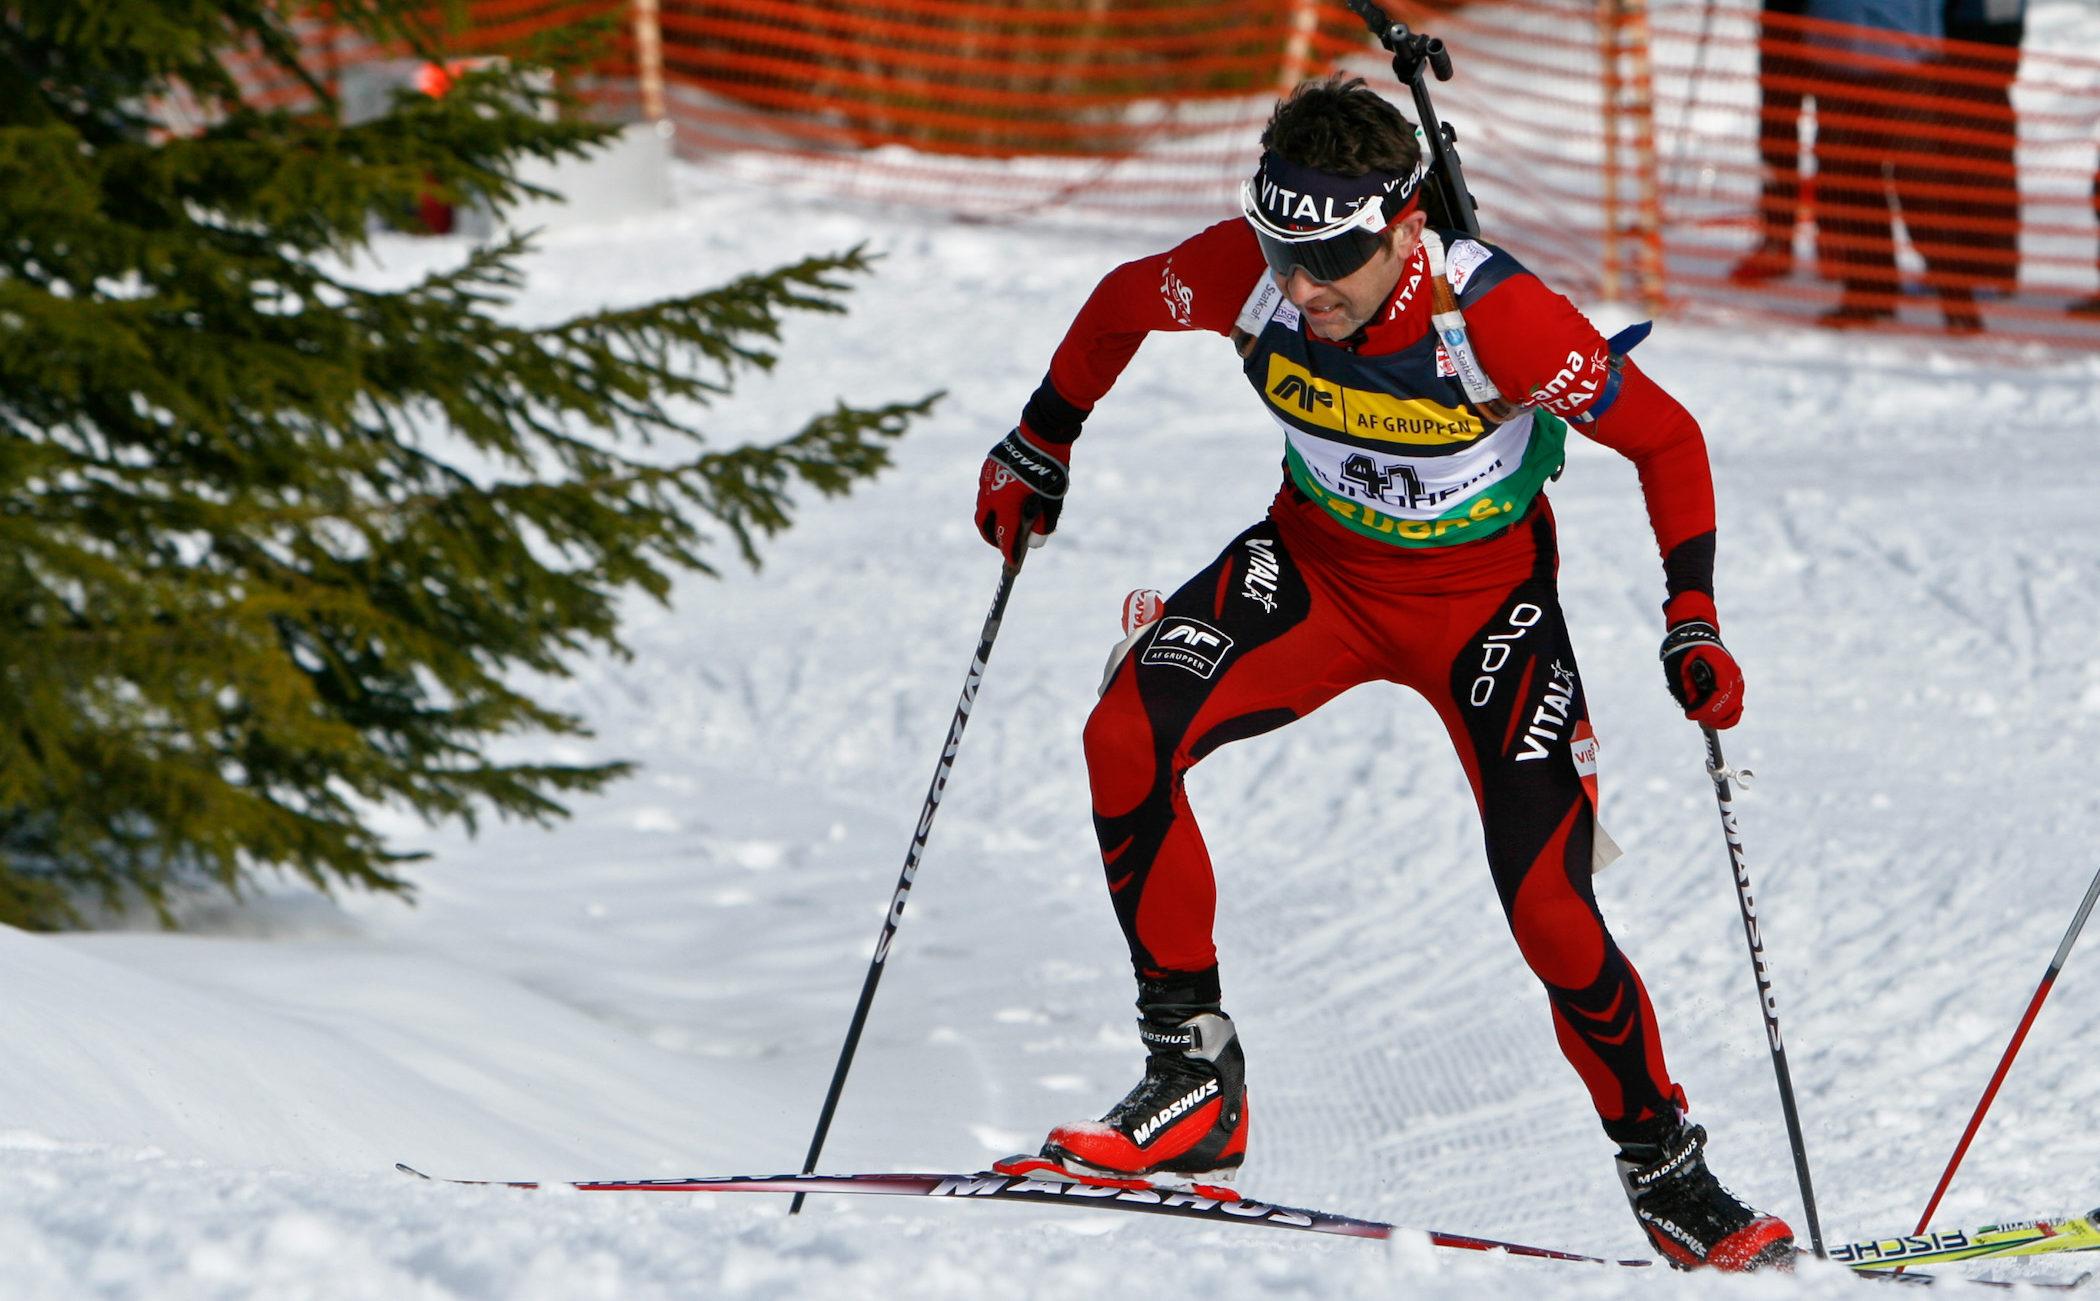 L'adéu De Bjorndalen: Es Retira La Llegenda El Biatleta Noruec Diu Adéu A L'alta Competició Per Problemes Físics